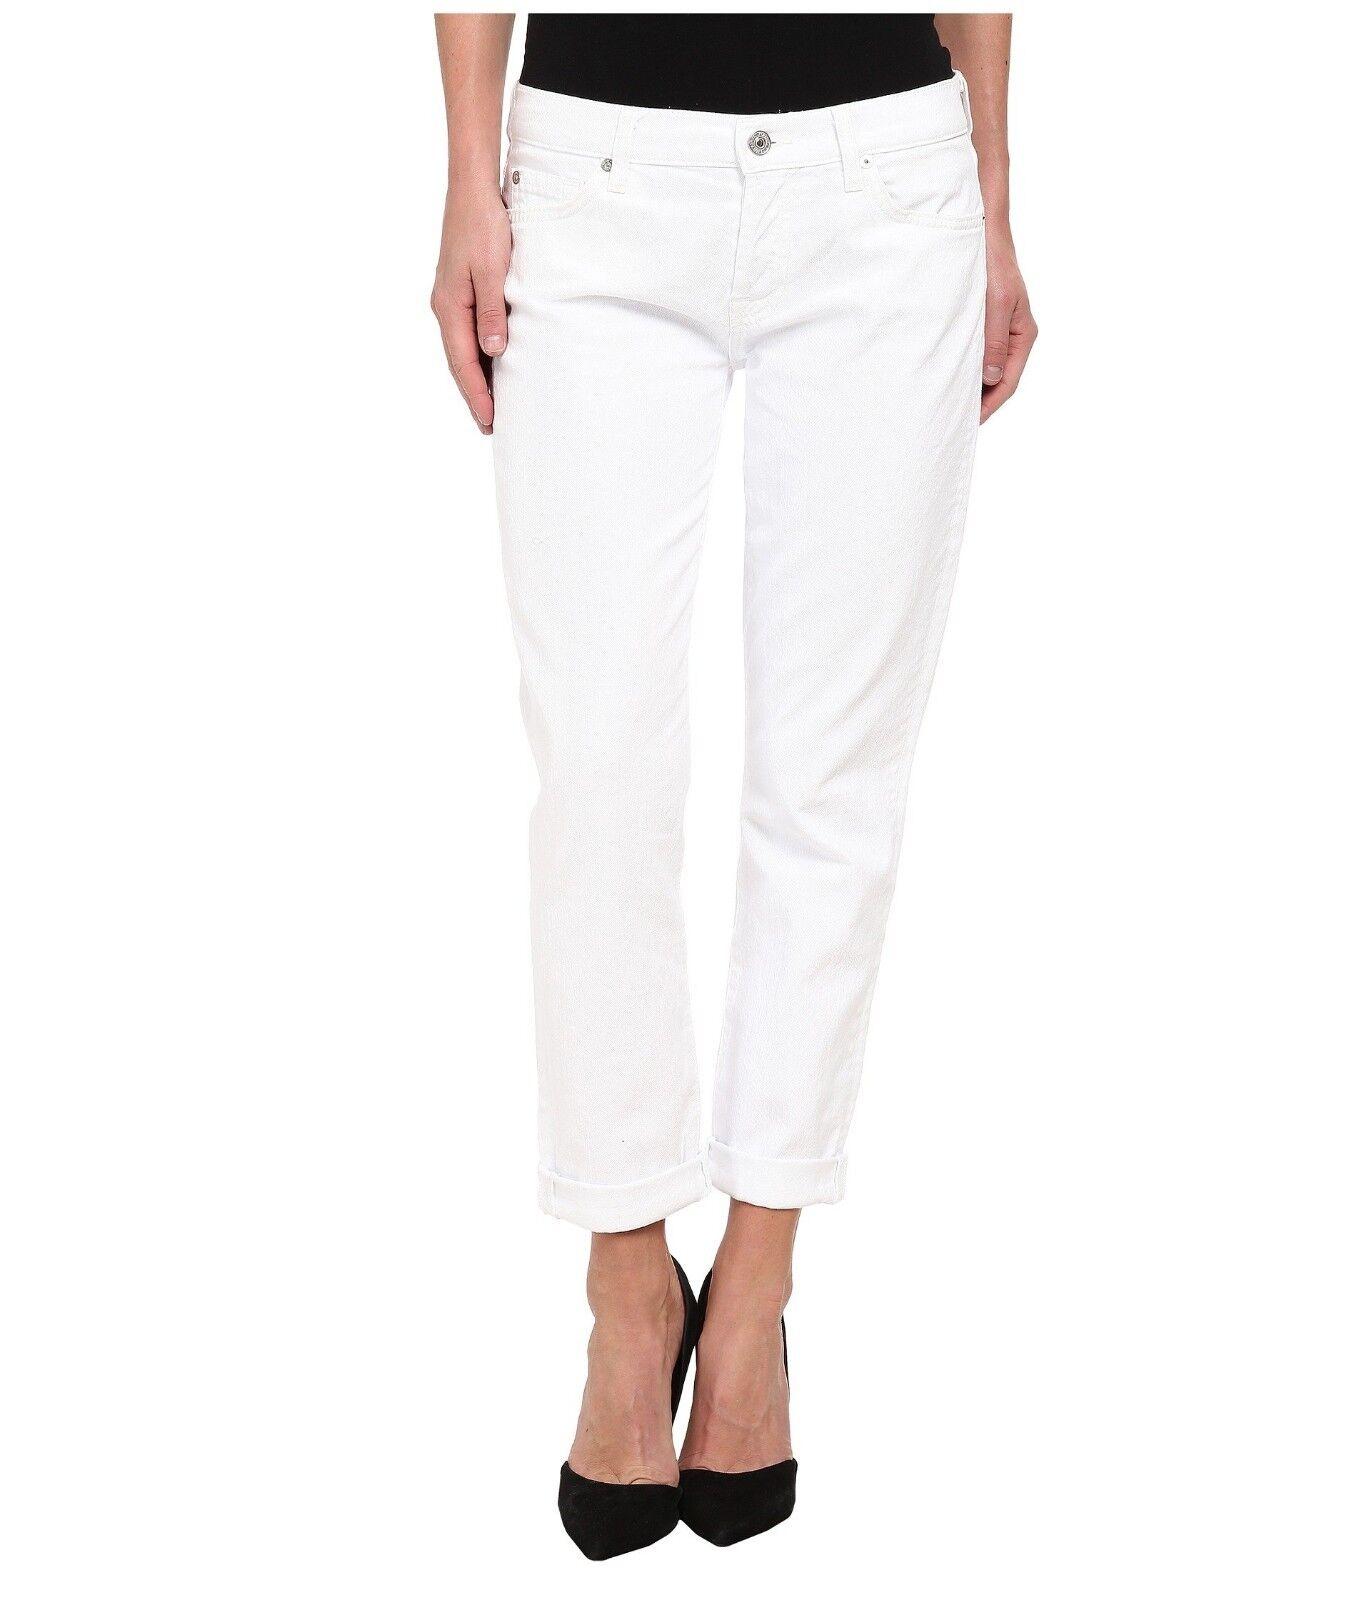 7 For All Mankind Josefina Boyfriend Jeans, Clean White SIZE 25      (E215)